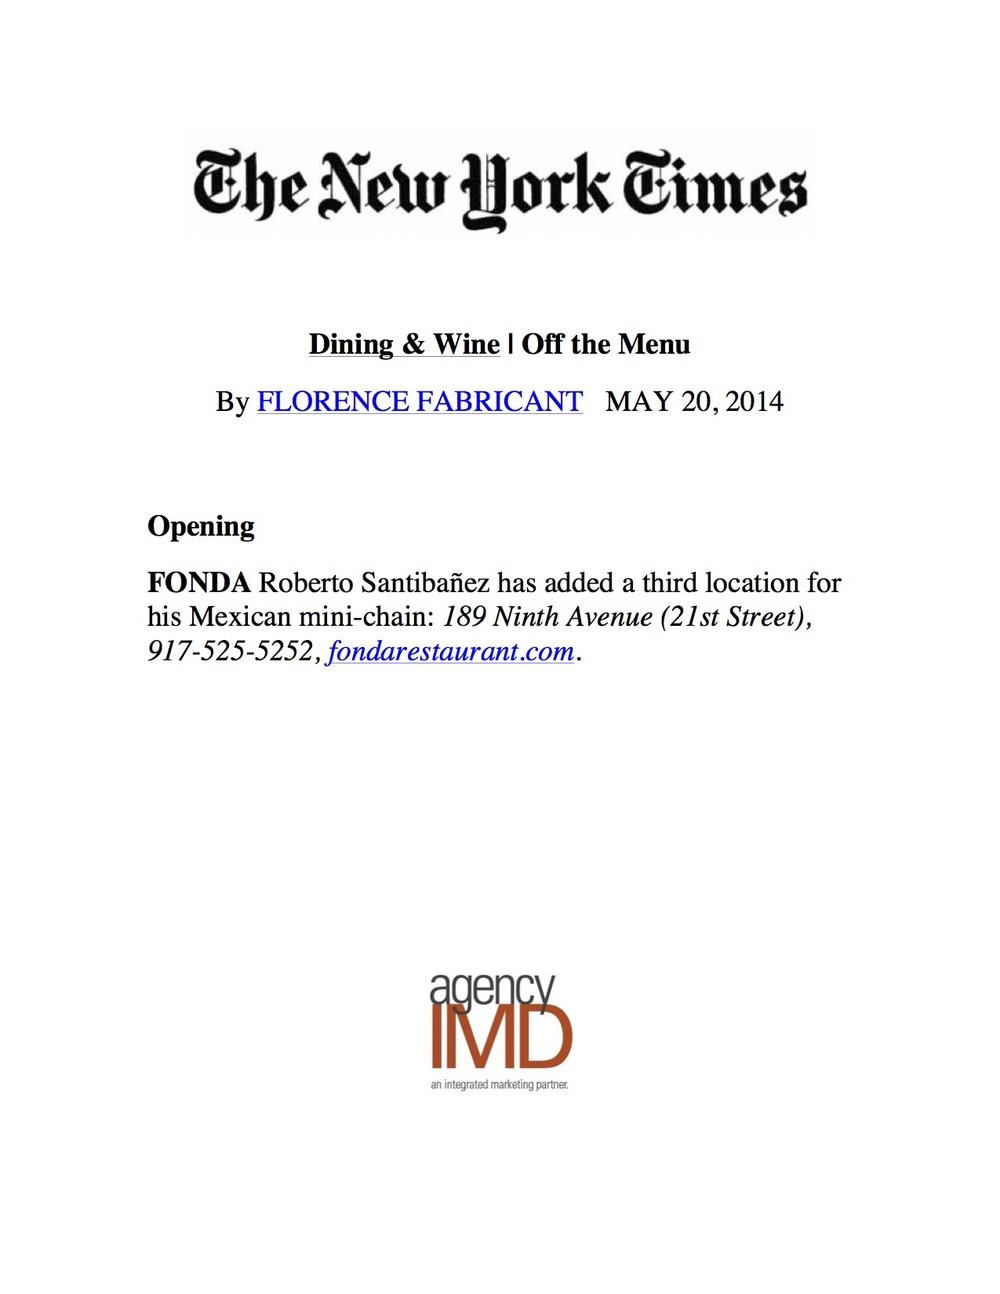 FONDA - NYT - 5.20.14.jpg